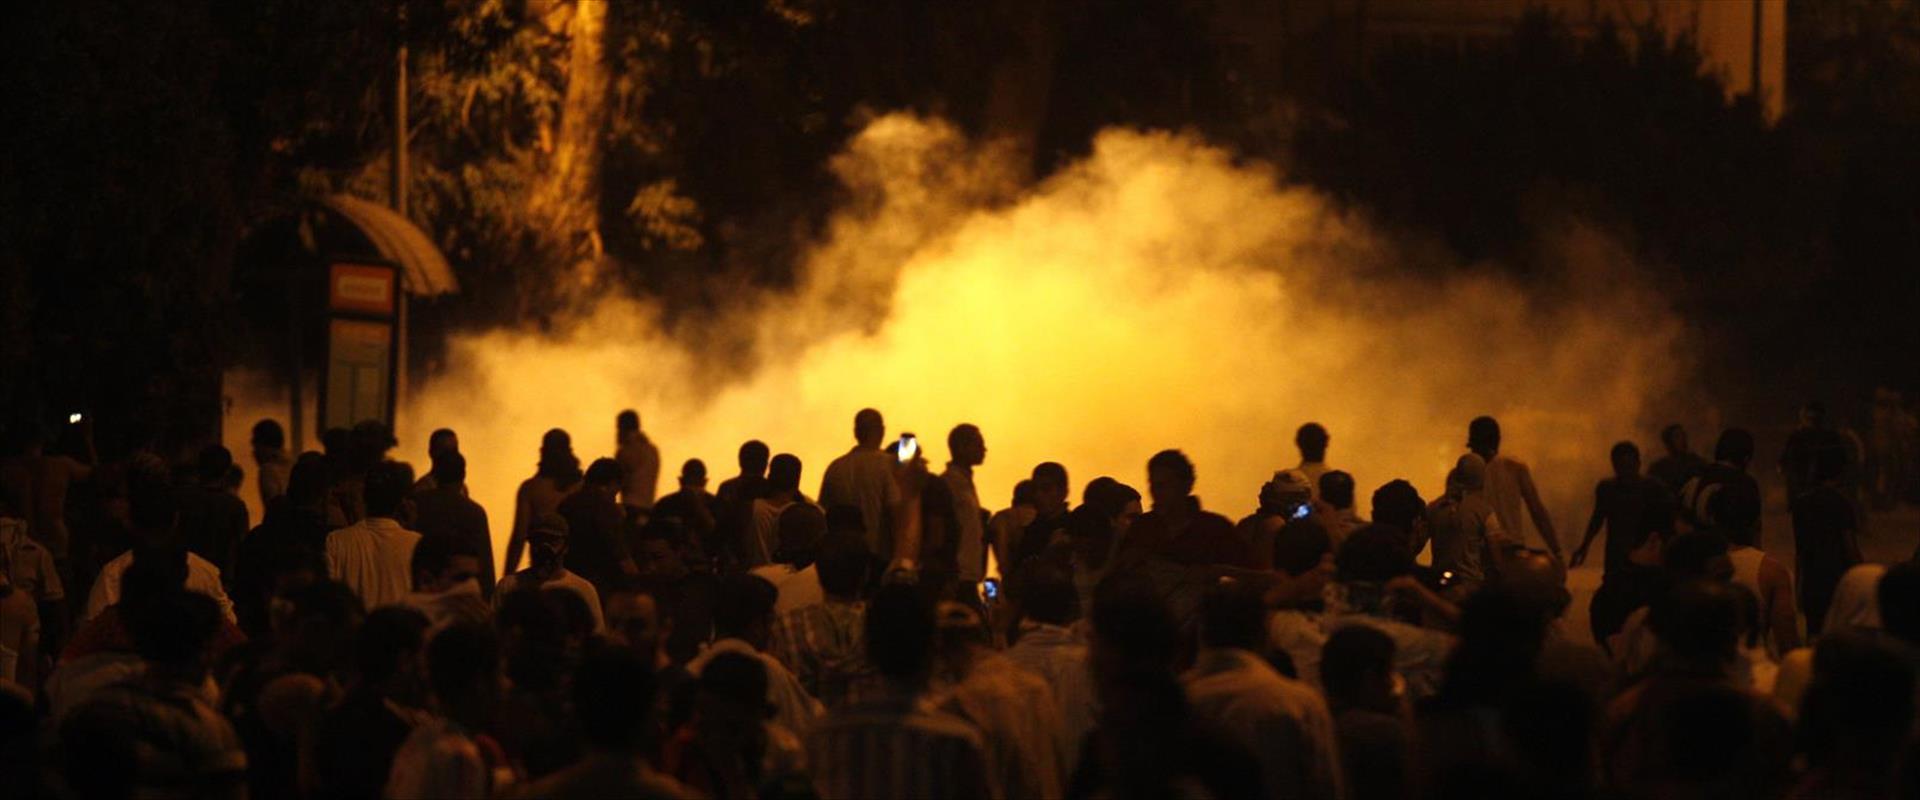 המהומות מול שגרירות ישראל במצרים ב-2011